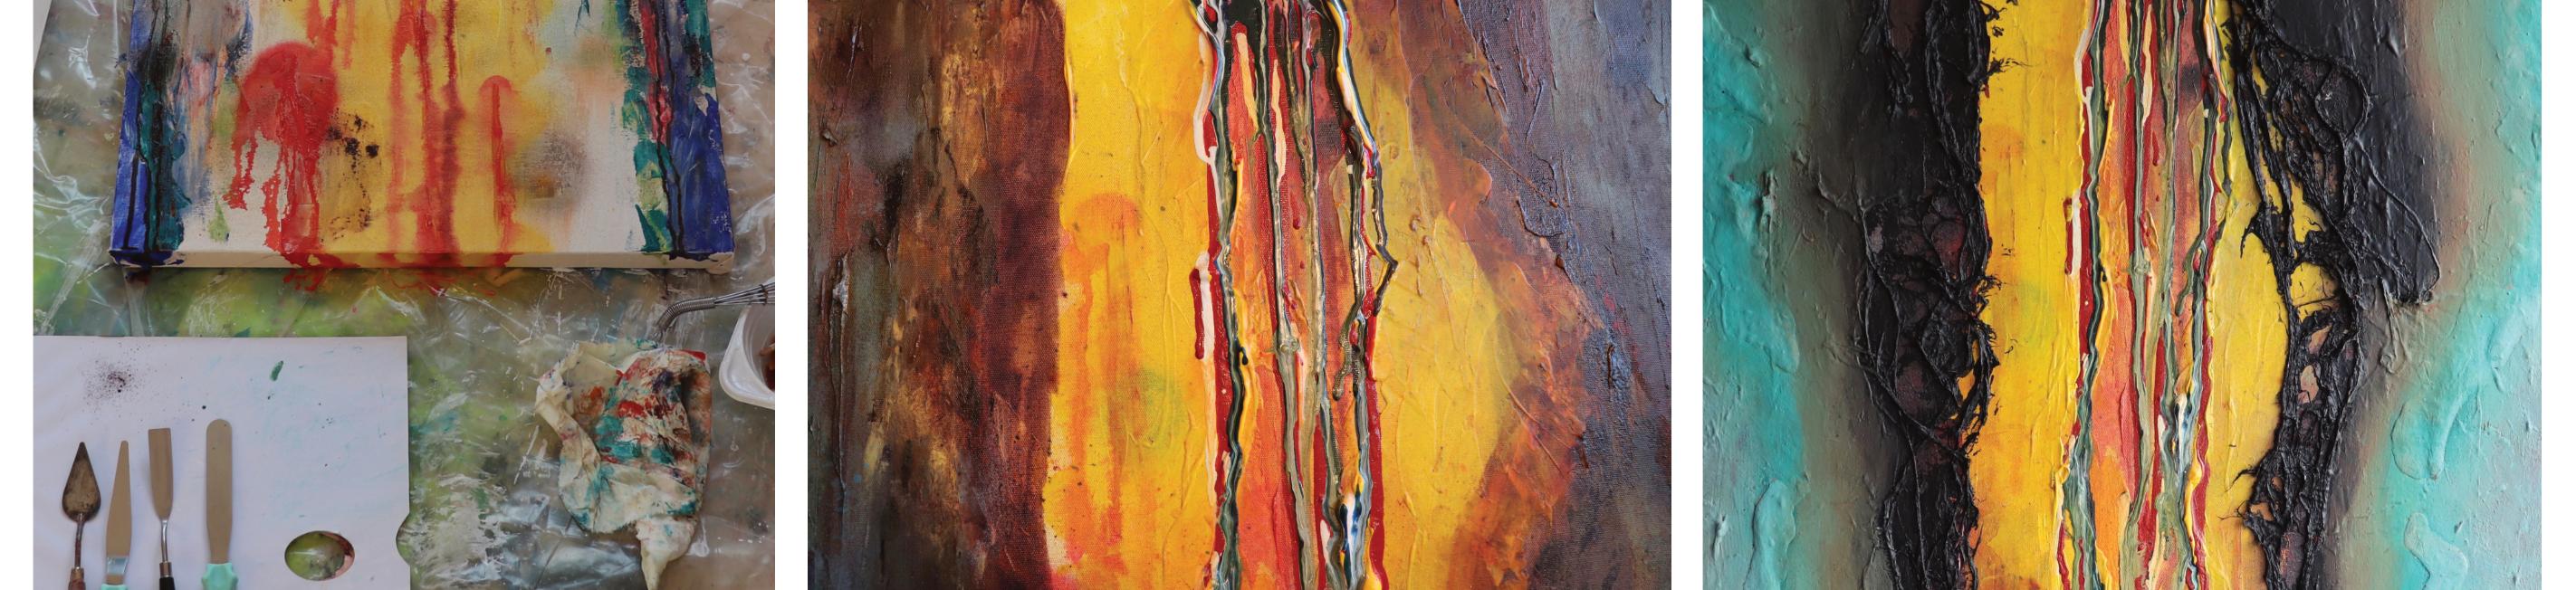 'Kunst' in proces Spiegel-Express